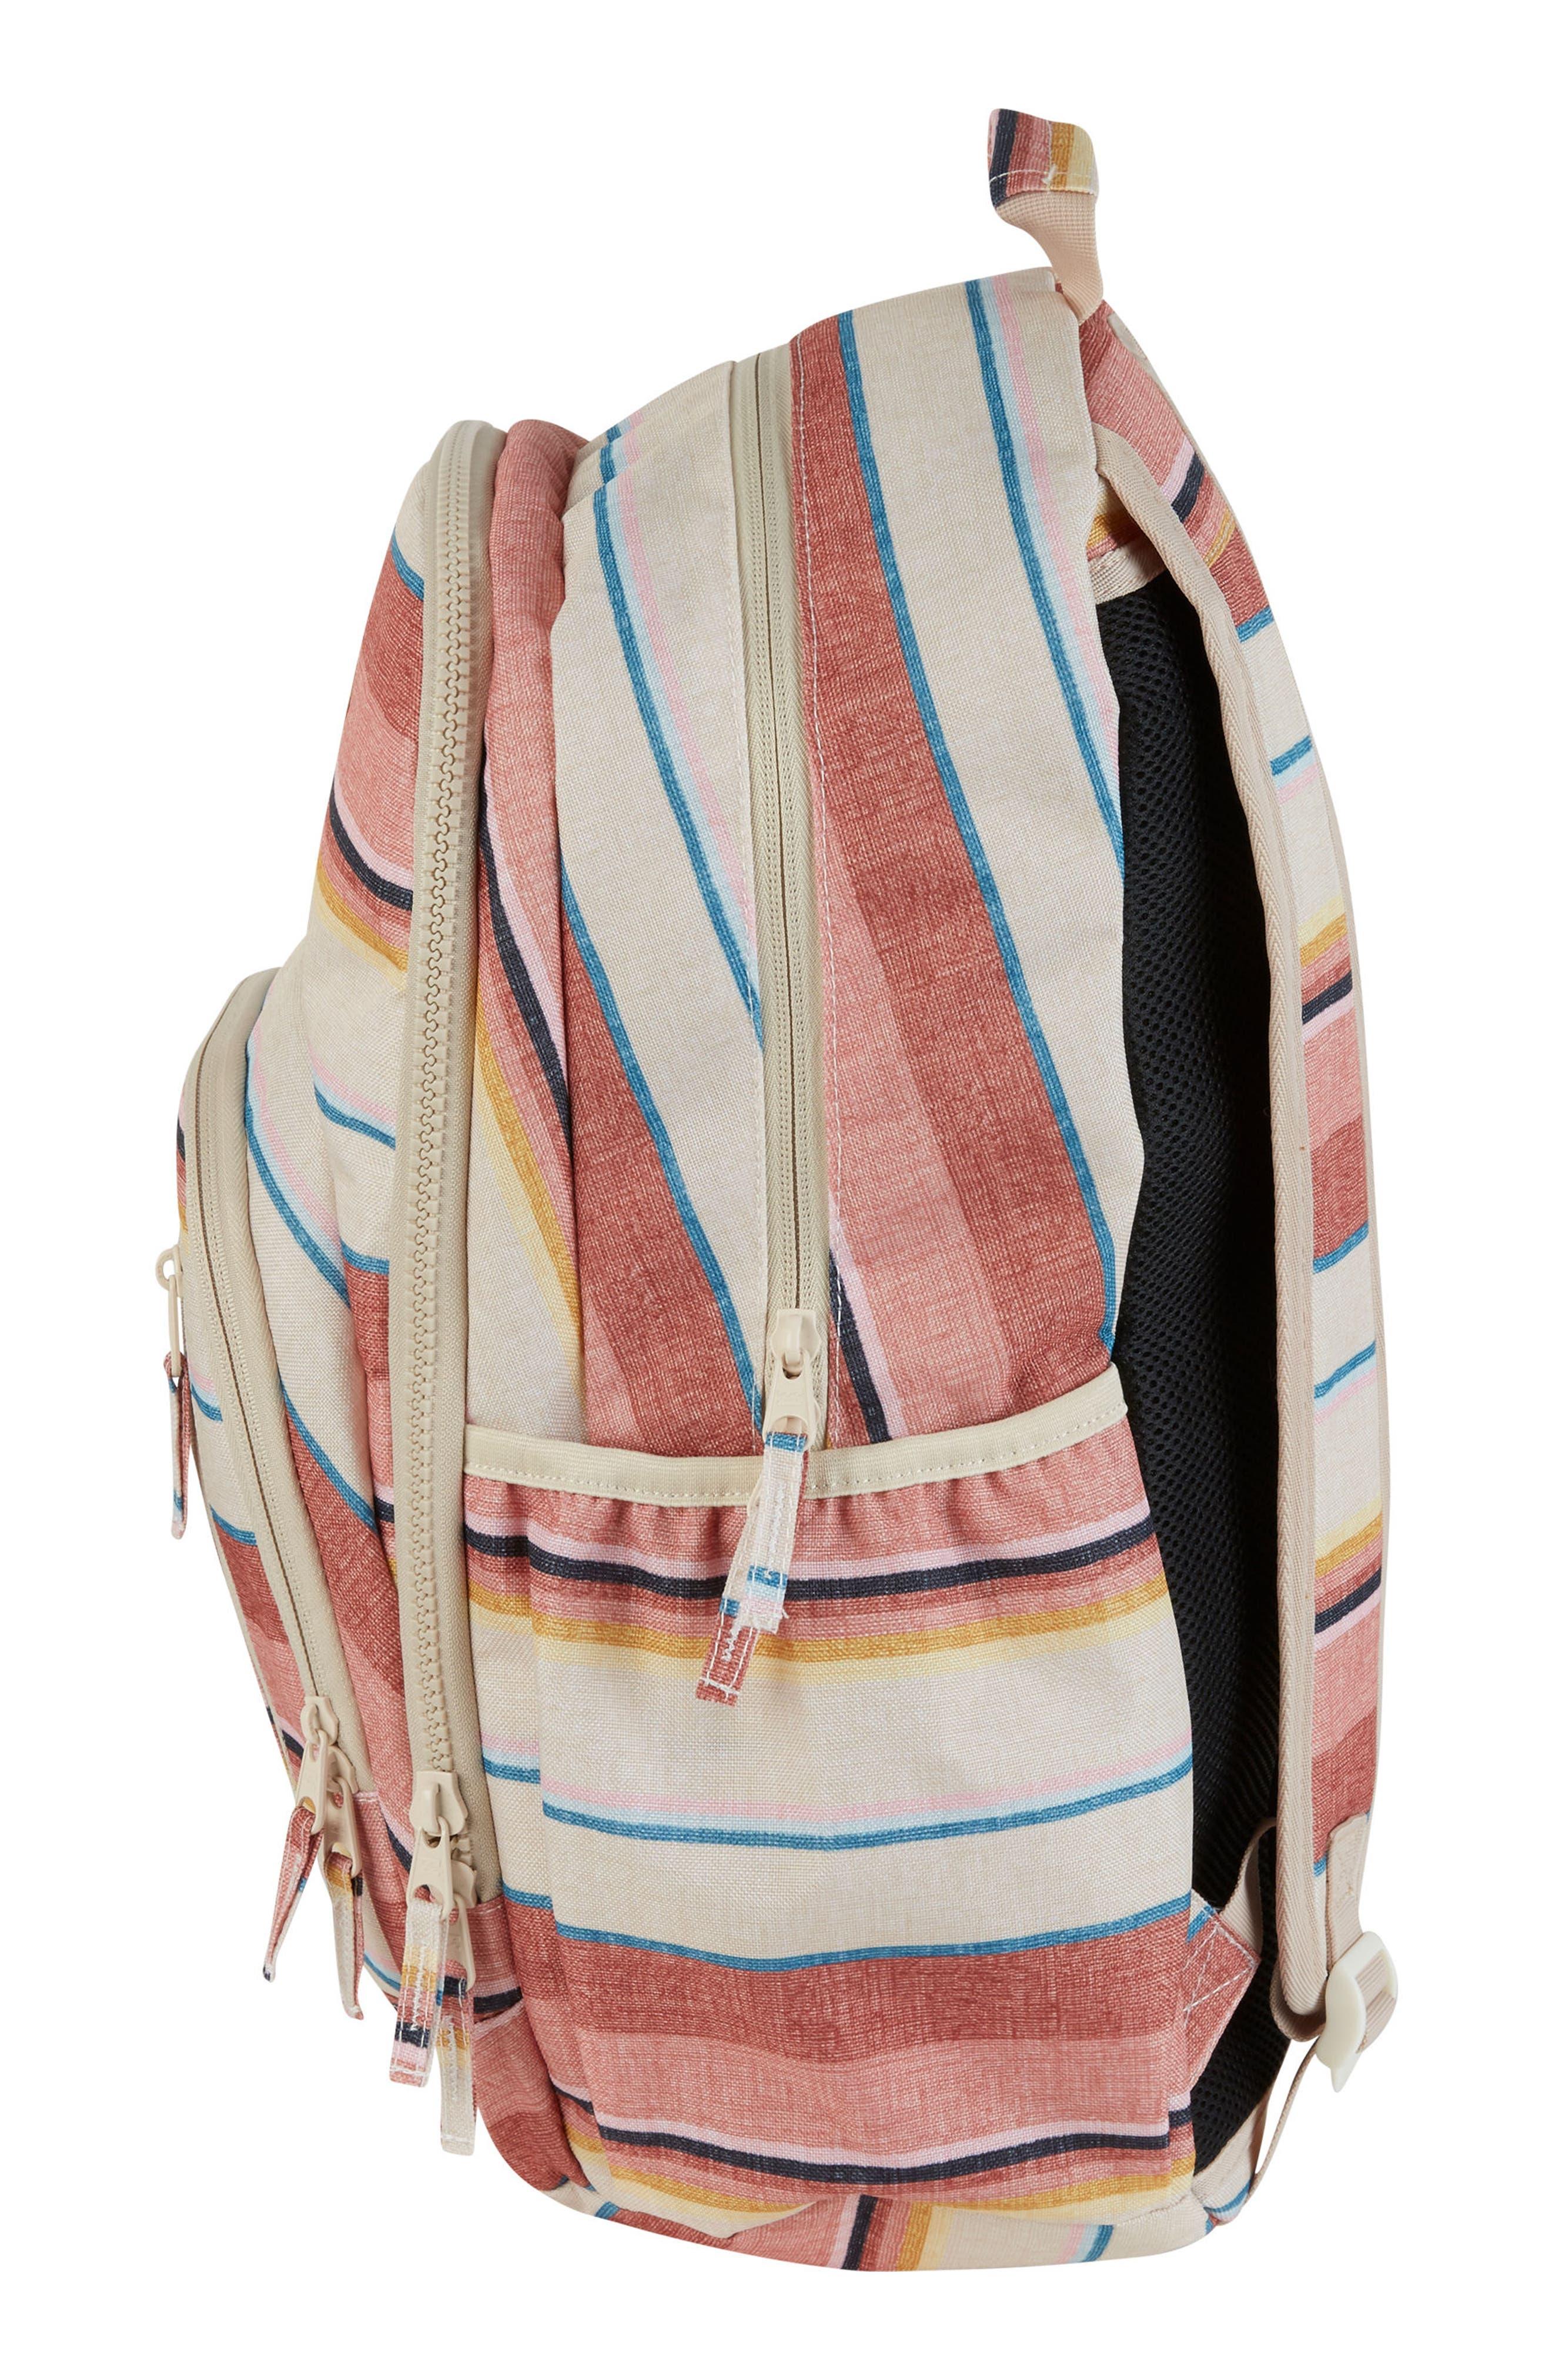 Roadie Backpack,                             Alternate thumbnail 10, color,